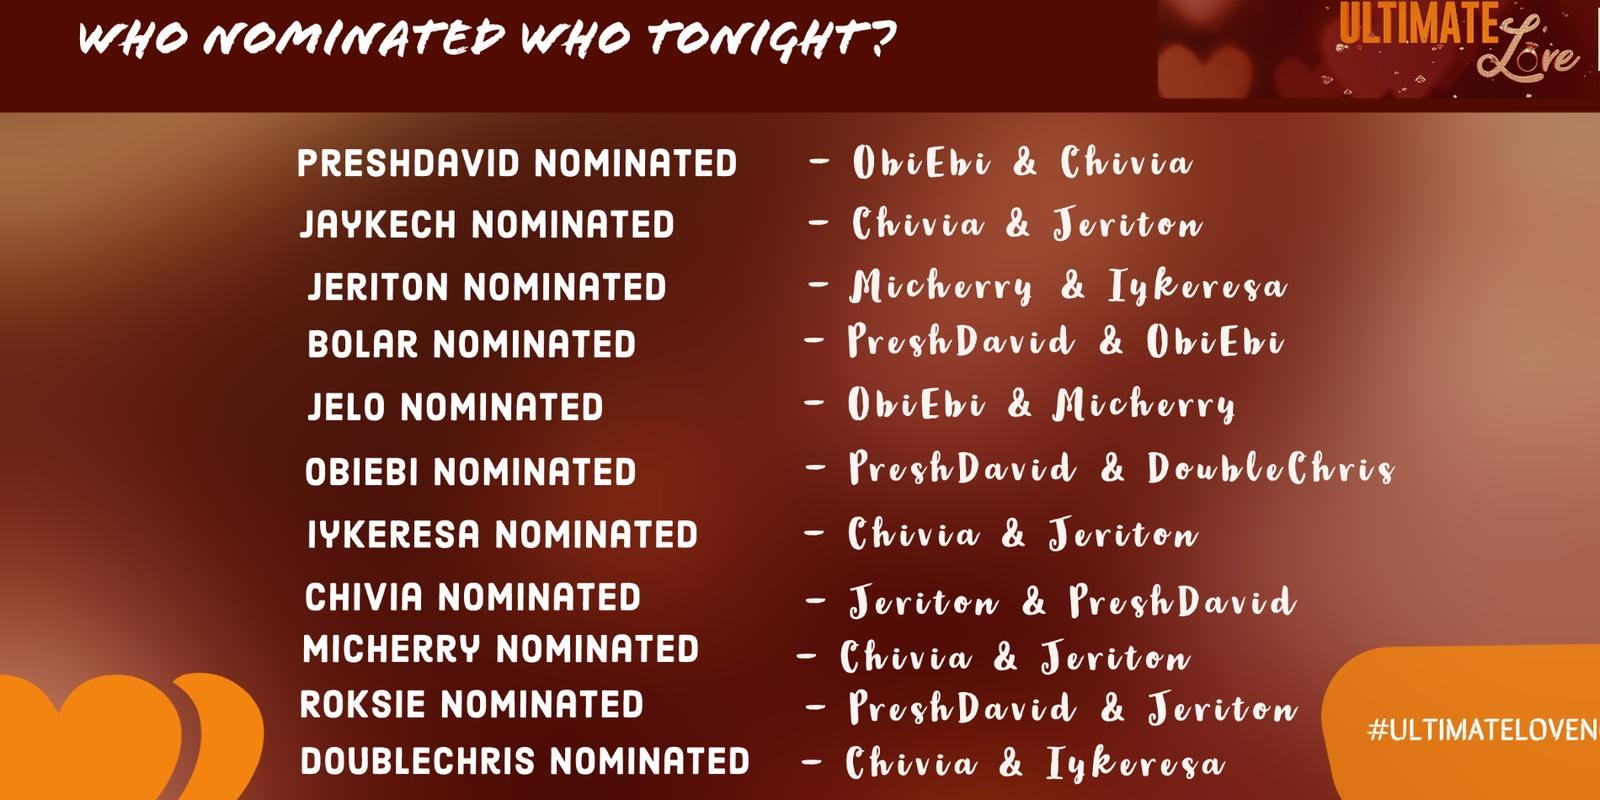 Ultimate Love week 2 nominations